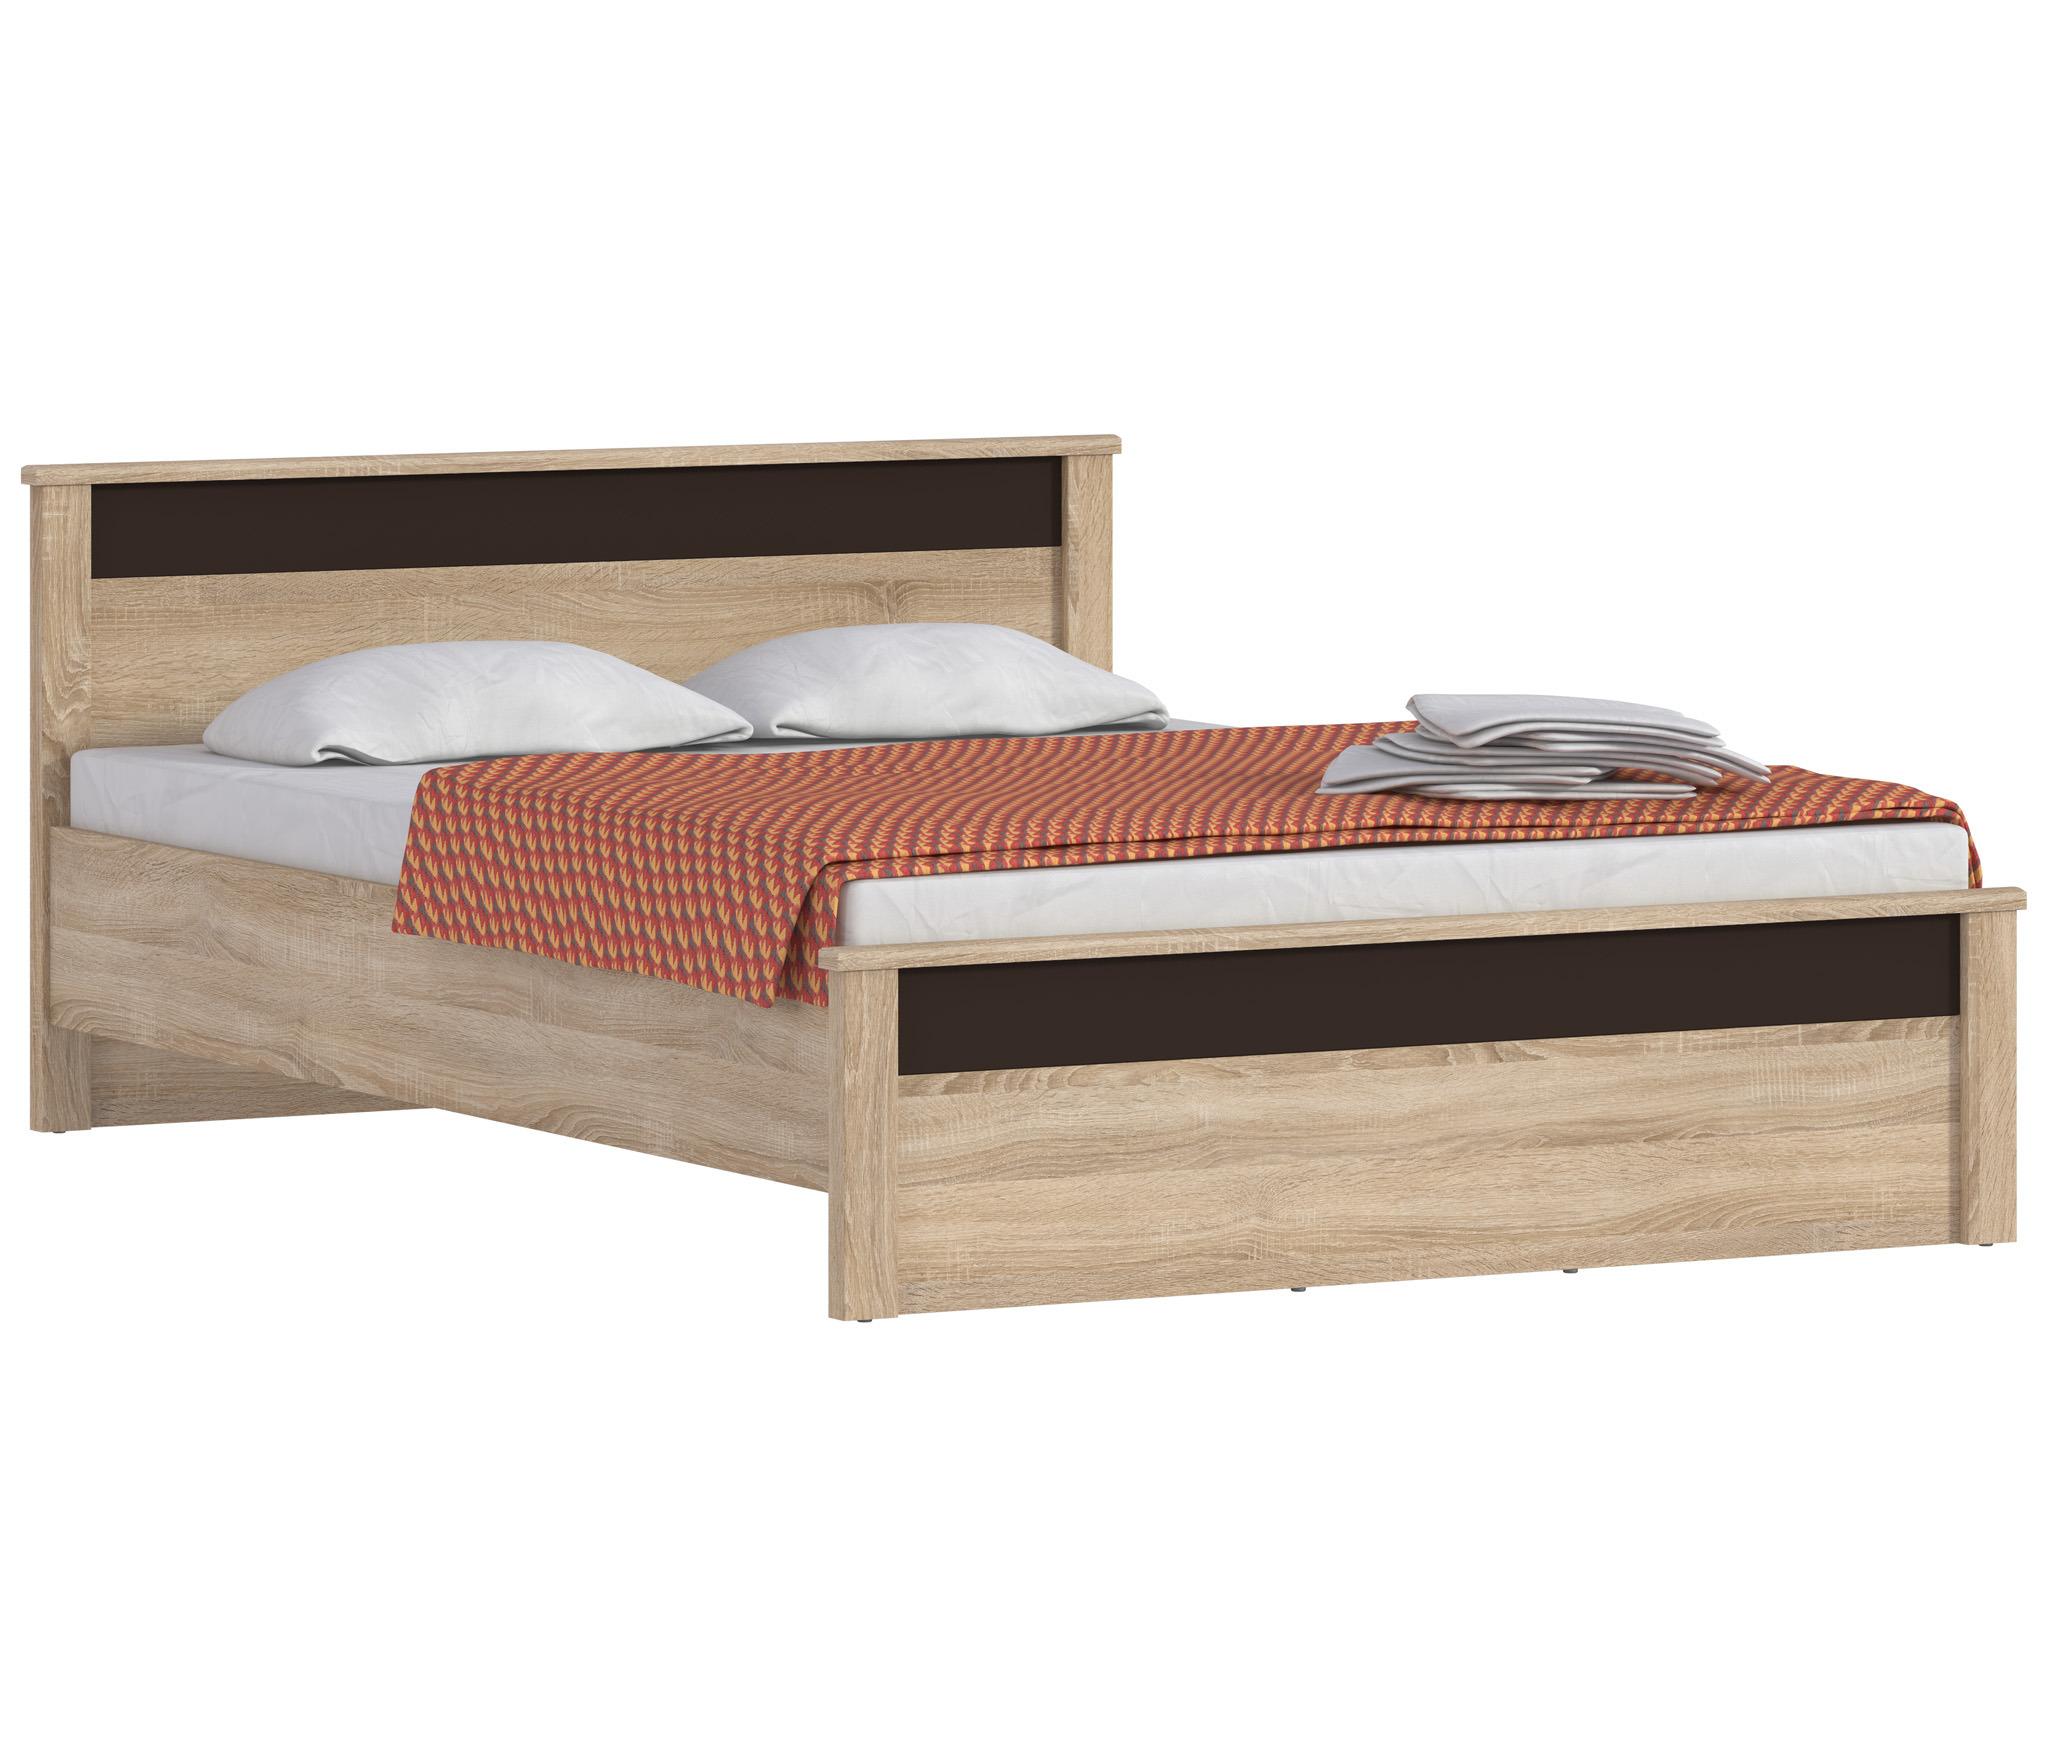 Клео СБ-2014 Кровать (универсальная)Кровати<br>Эта кровать понравится любителям лаконичных форм и минимализма.<br><br>Длина мм: 1474<br>Высота мм: 828<br>Глубина мм: 2093